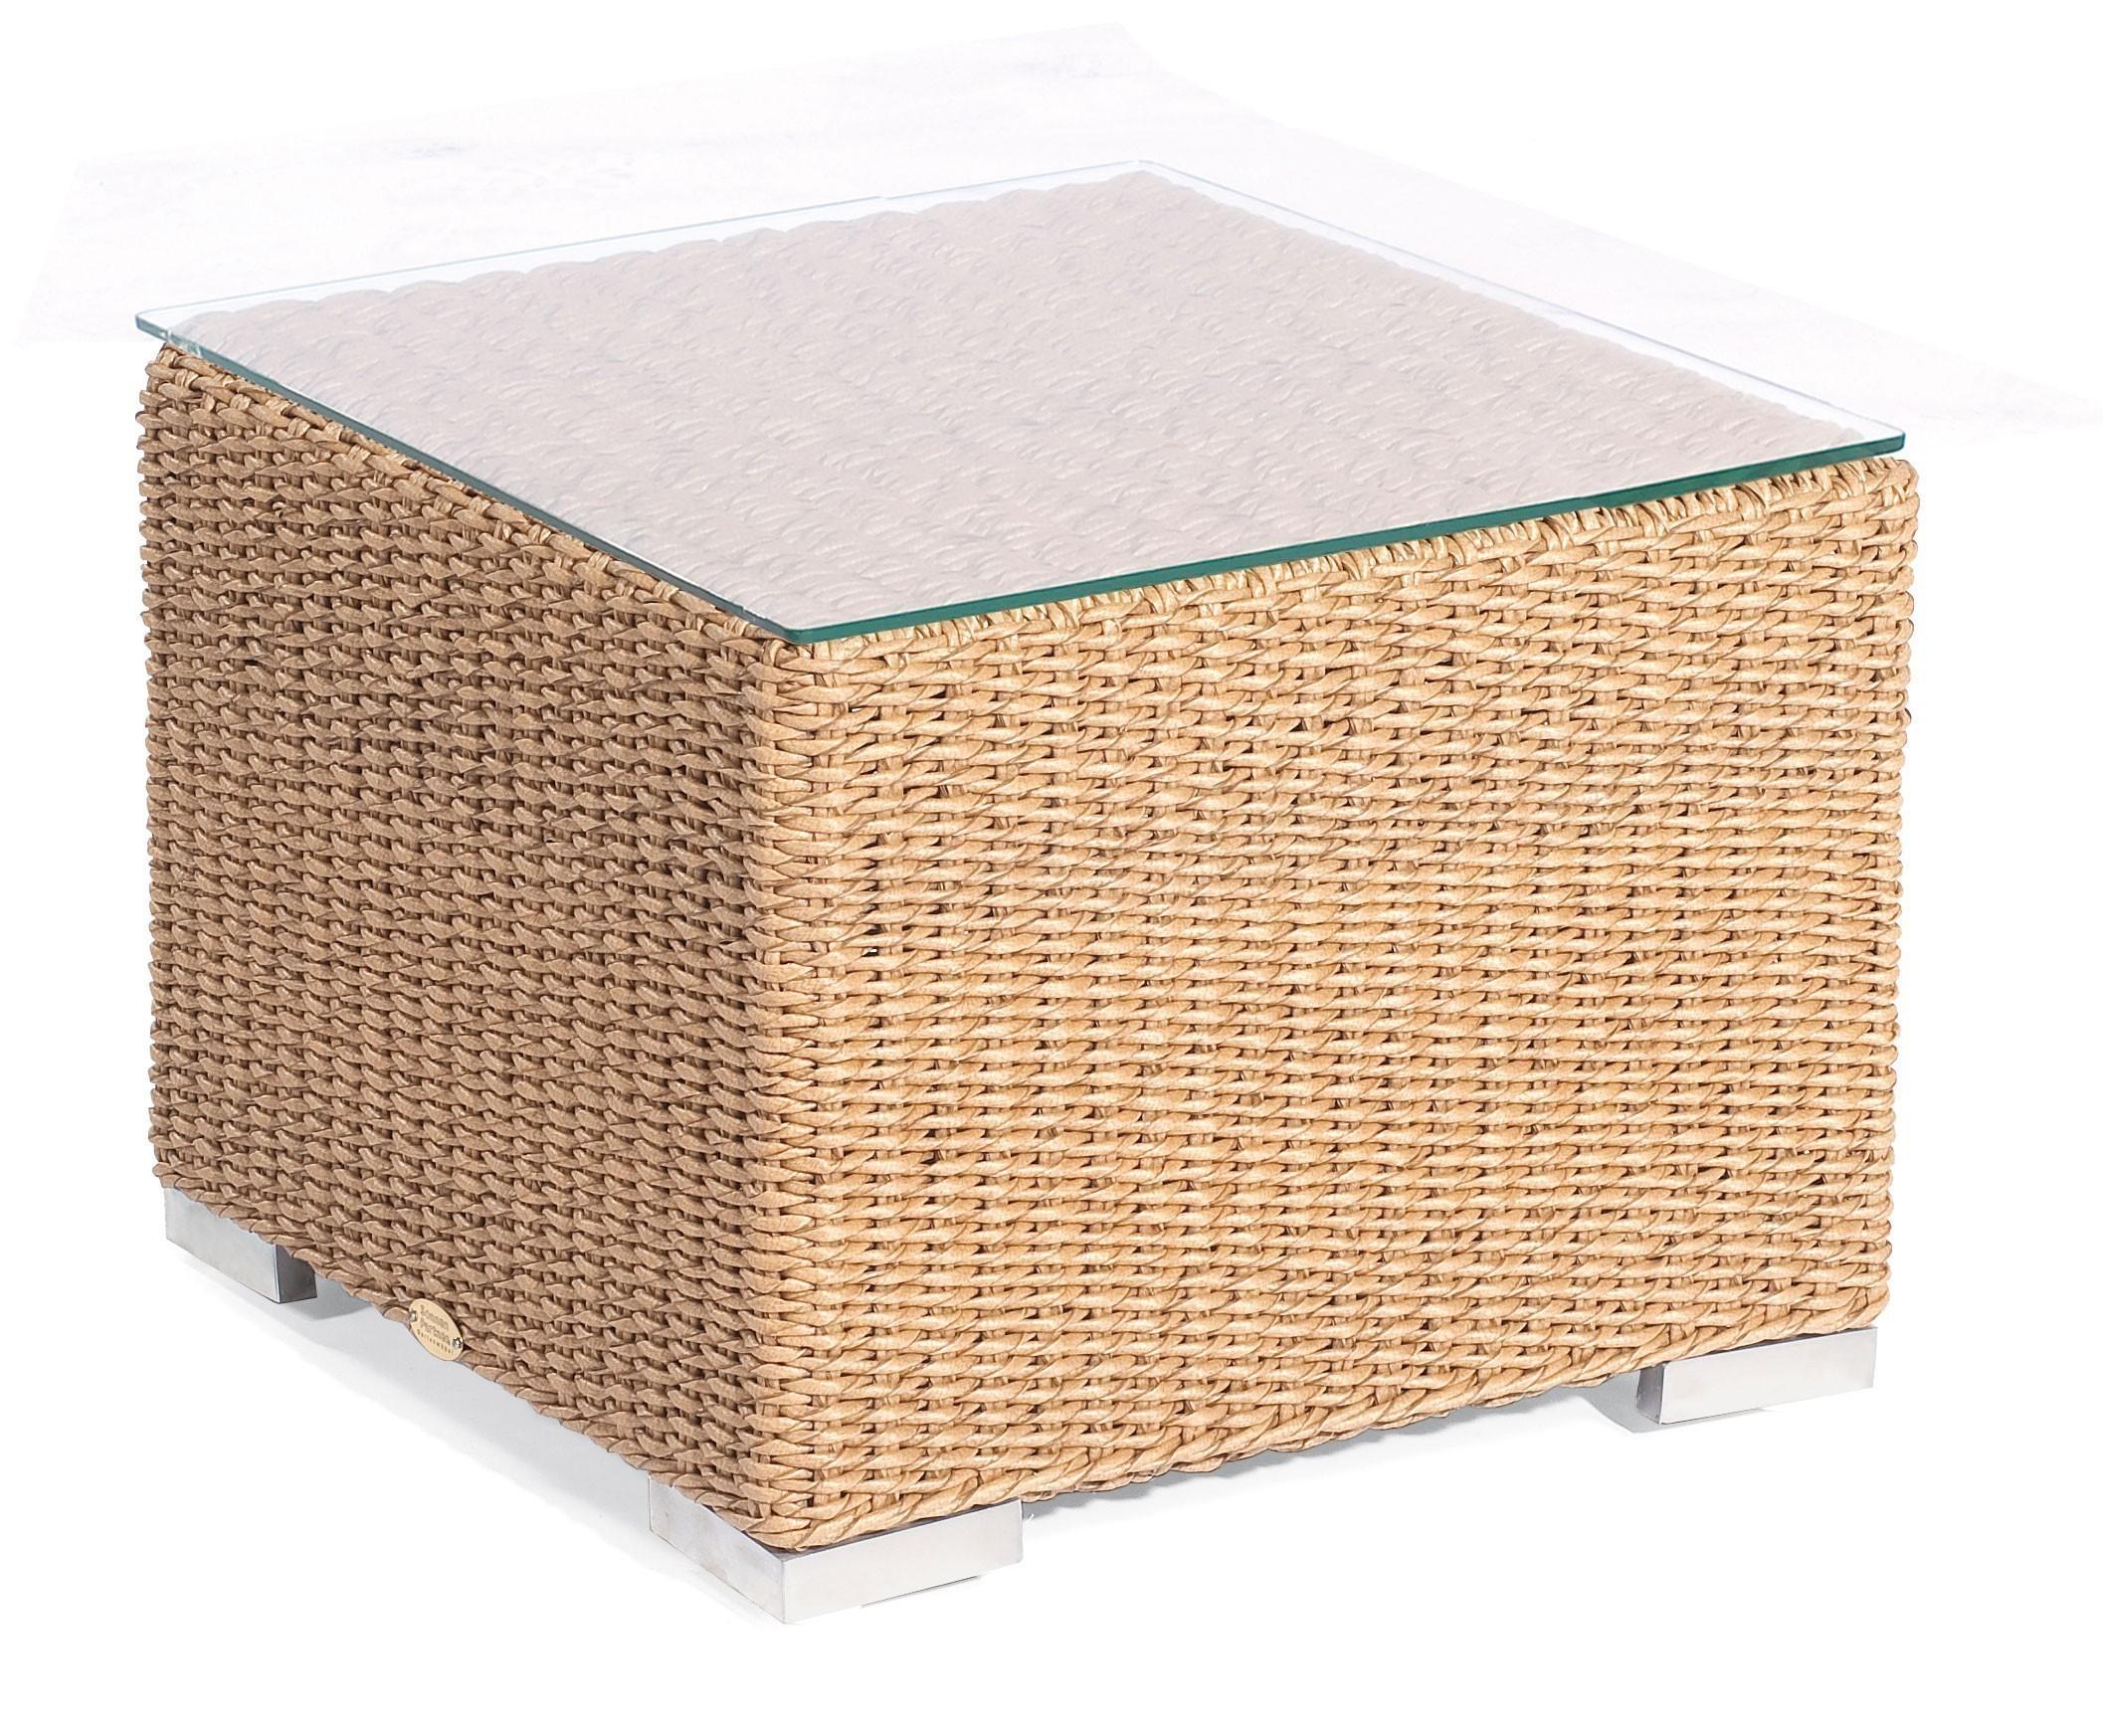 Gartenmobel Gebraucht Trier : Gartentisch Korbmöbel wetterfest Residence 60x60cm Hyazithoptik  bei